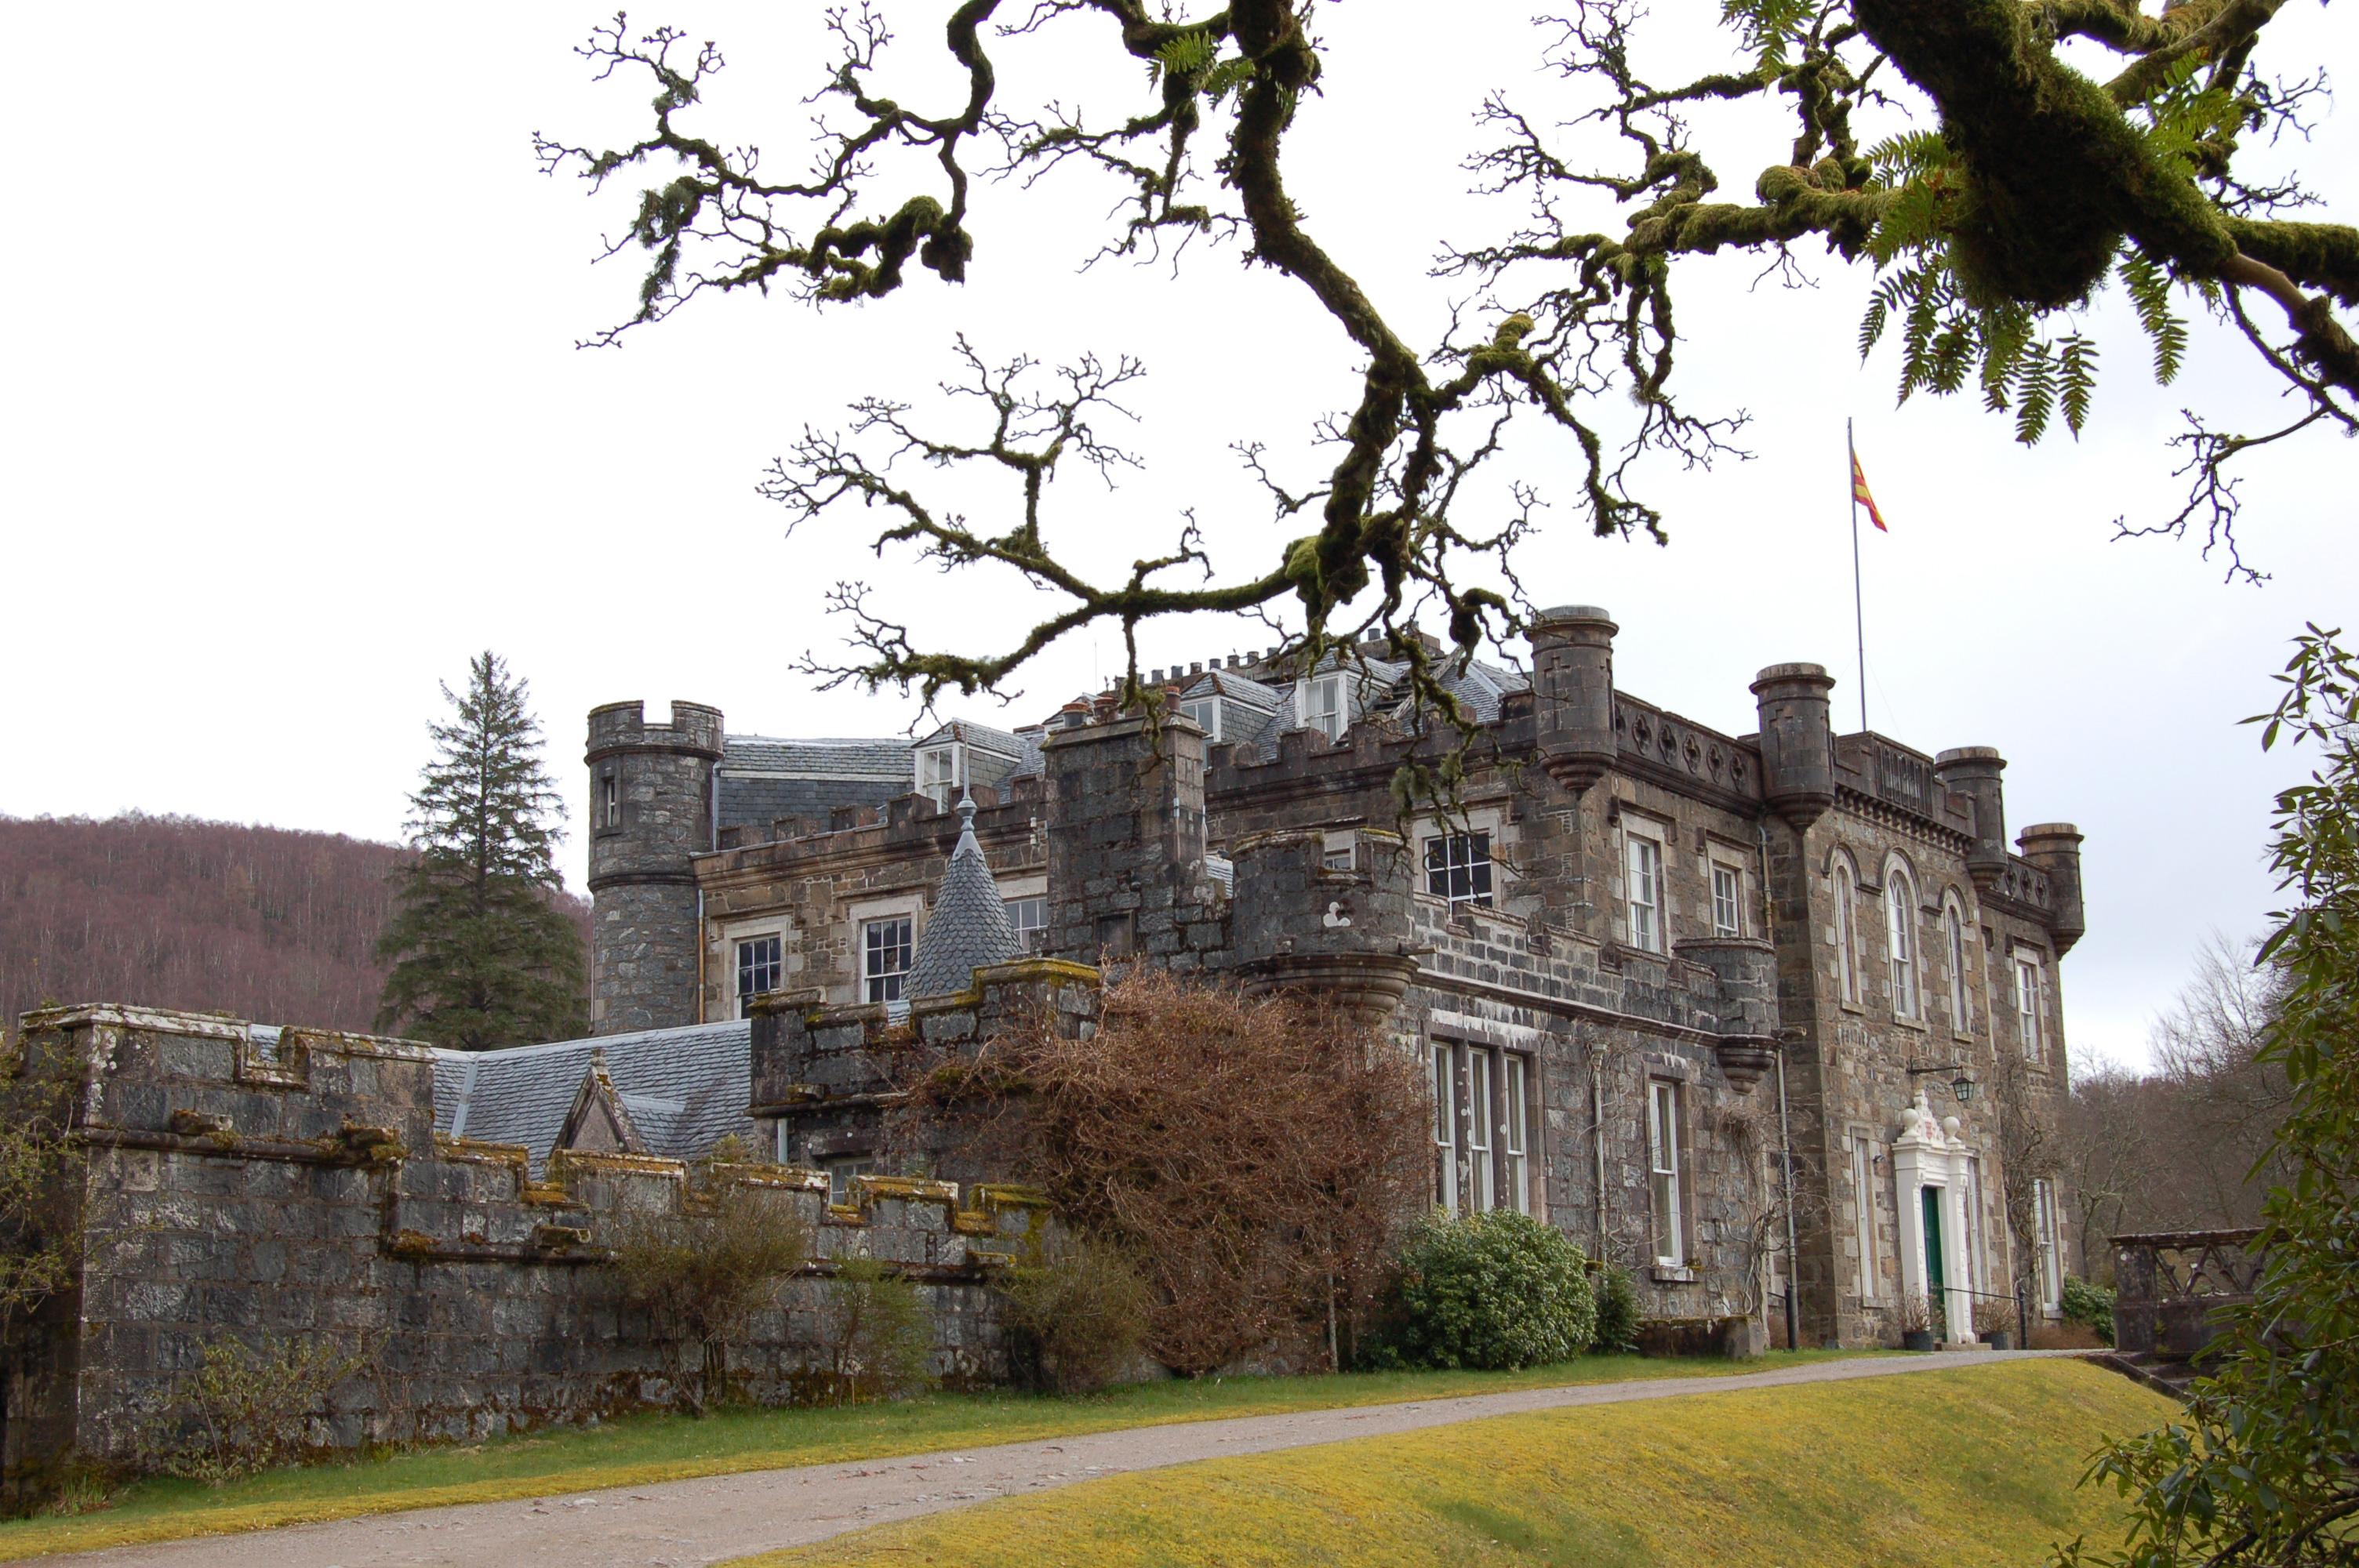 Dvorac Aknakari u Škotskoj (Foto: Keeshu at English Wikipedia)